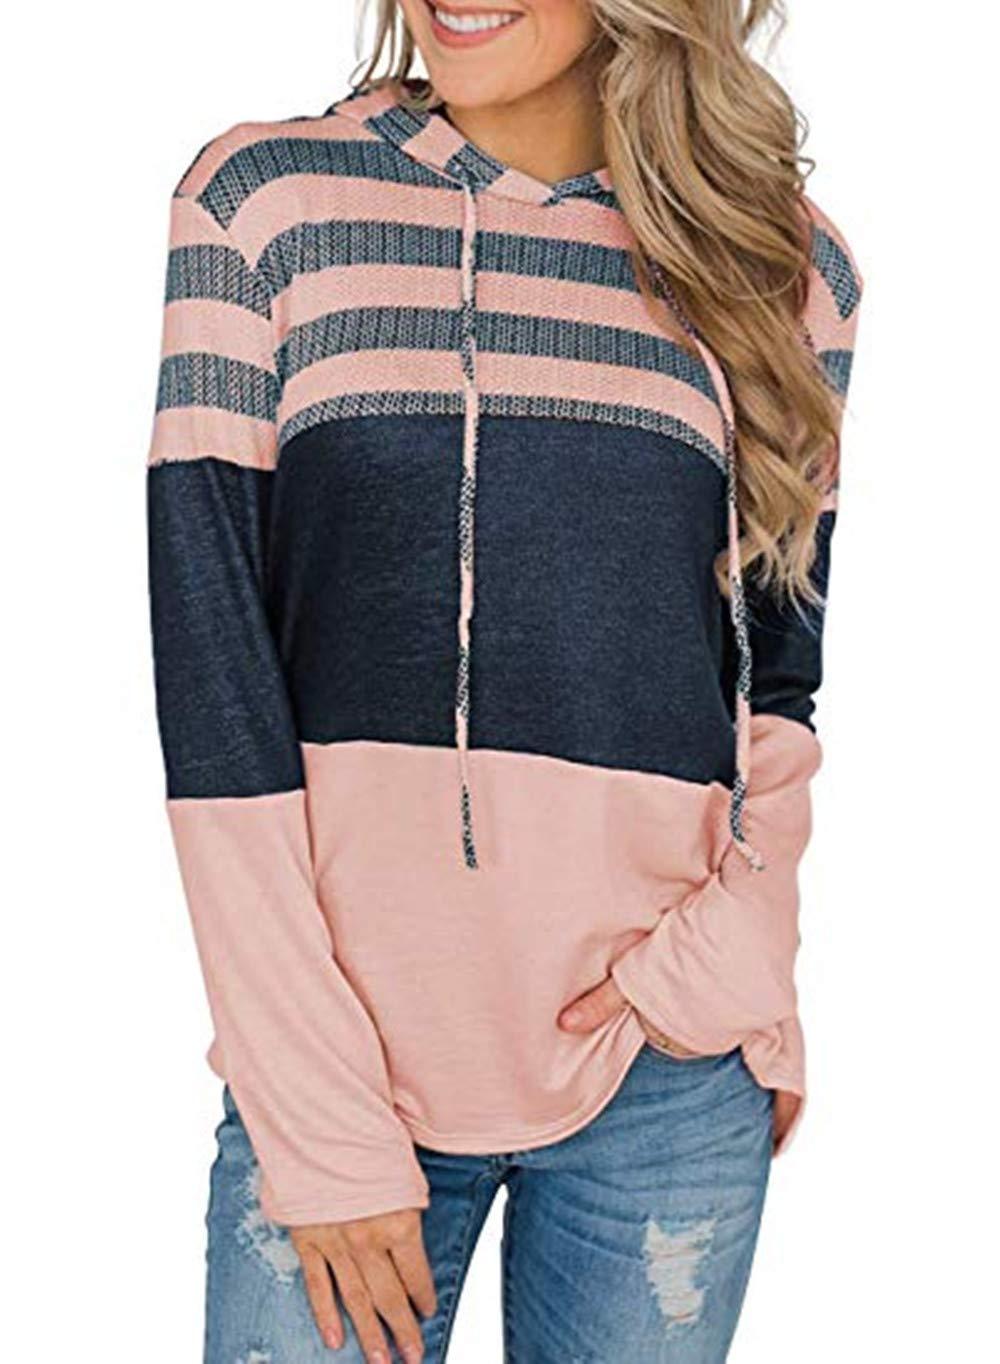 Kelove Women Hoodies Long Sleeve Drawstring Sweatshirts, Color Block Striped Pullover Women Tops Pink by Kelove